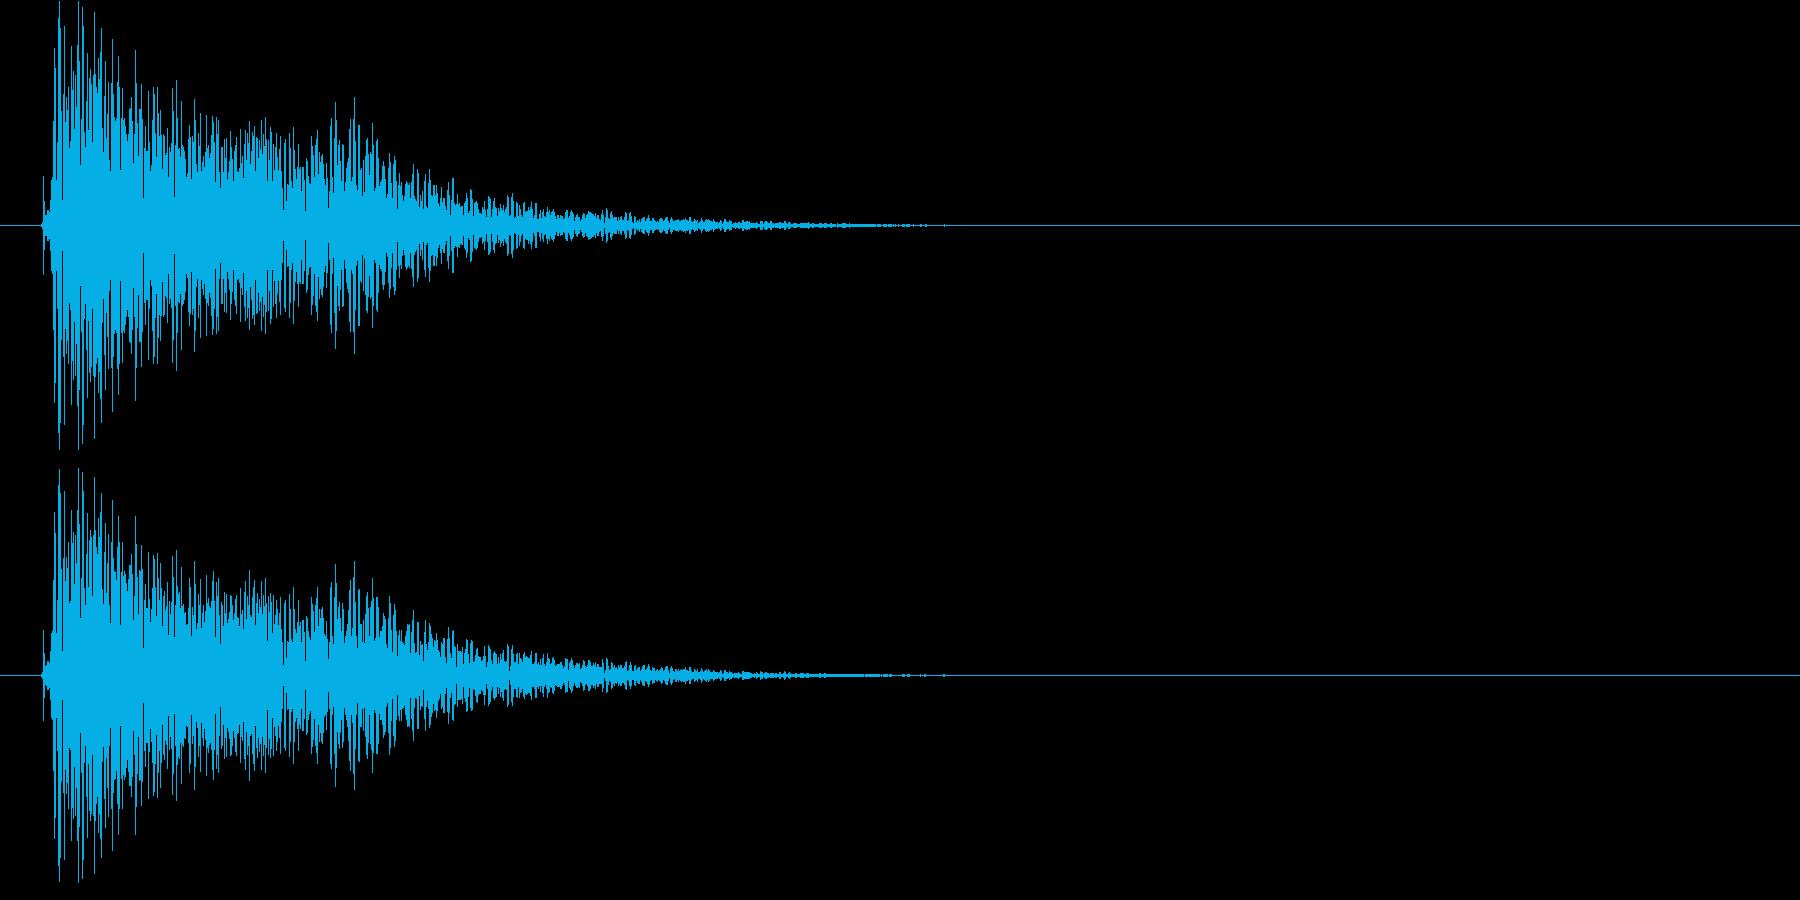 「ファオン」 メニュー音の再生済みの波形